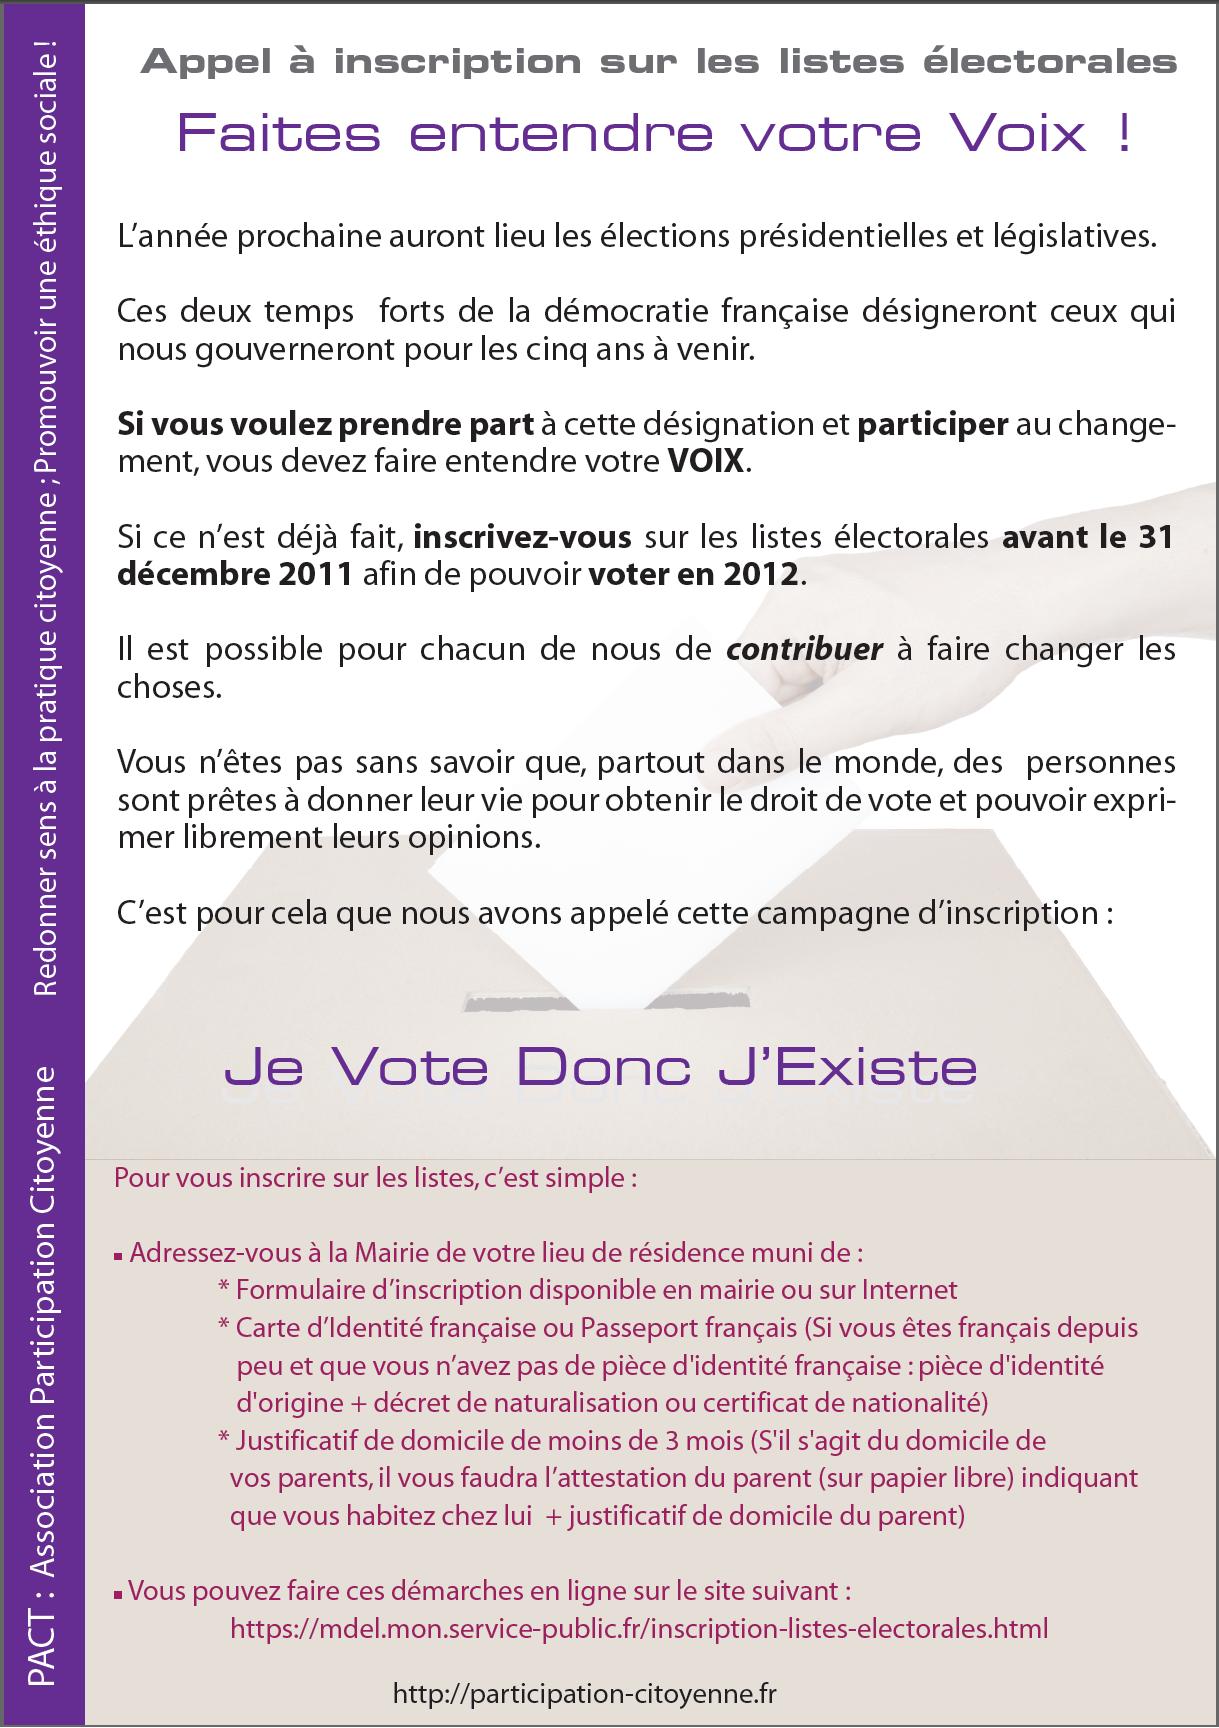 Participation Citoyenne : Appel à inscription sur les listes électorales